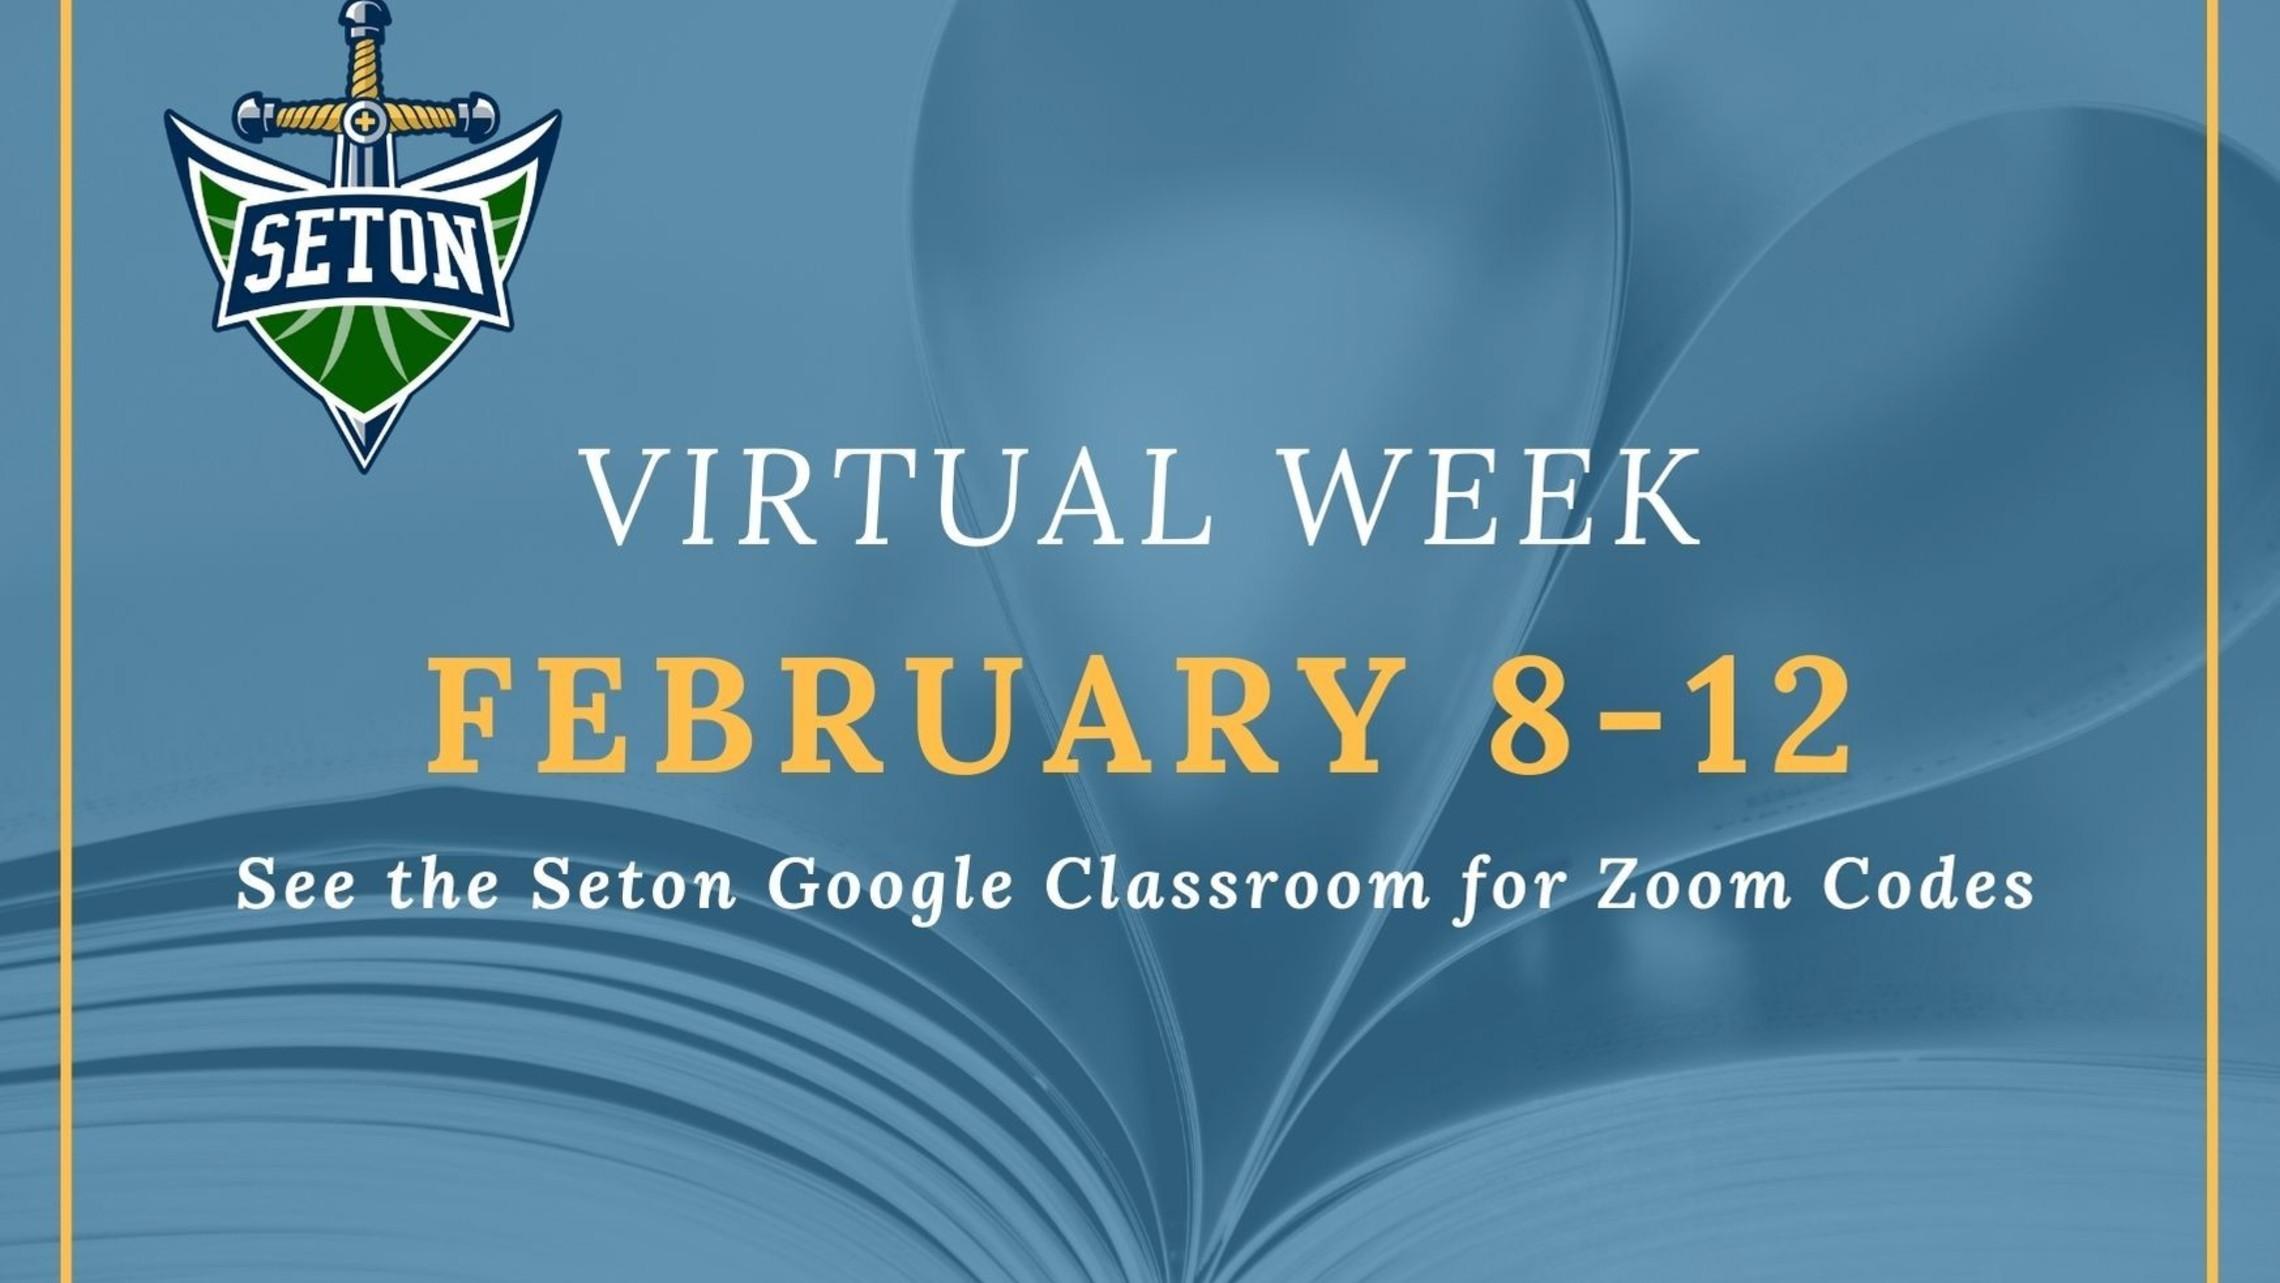 virtual week